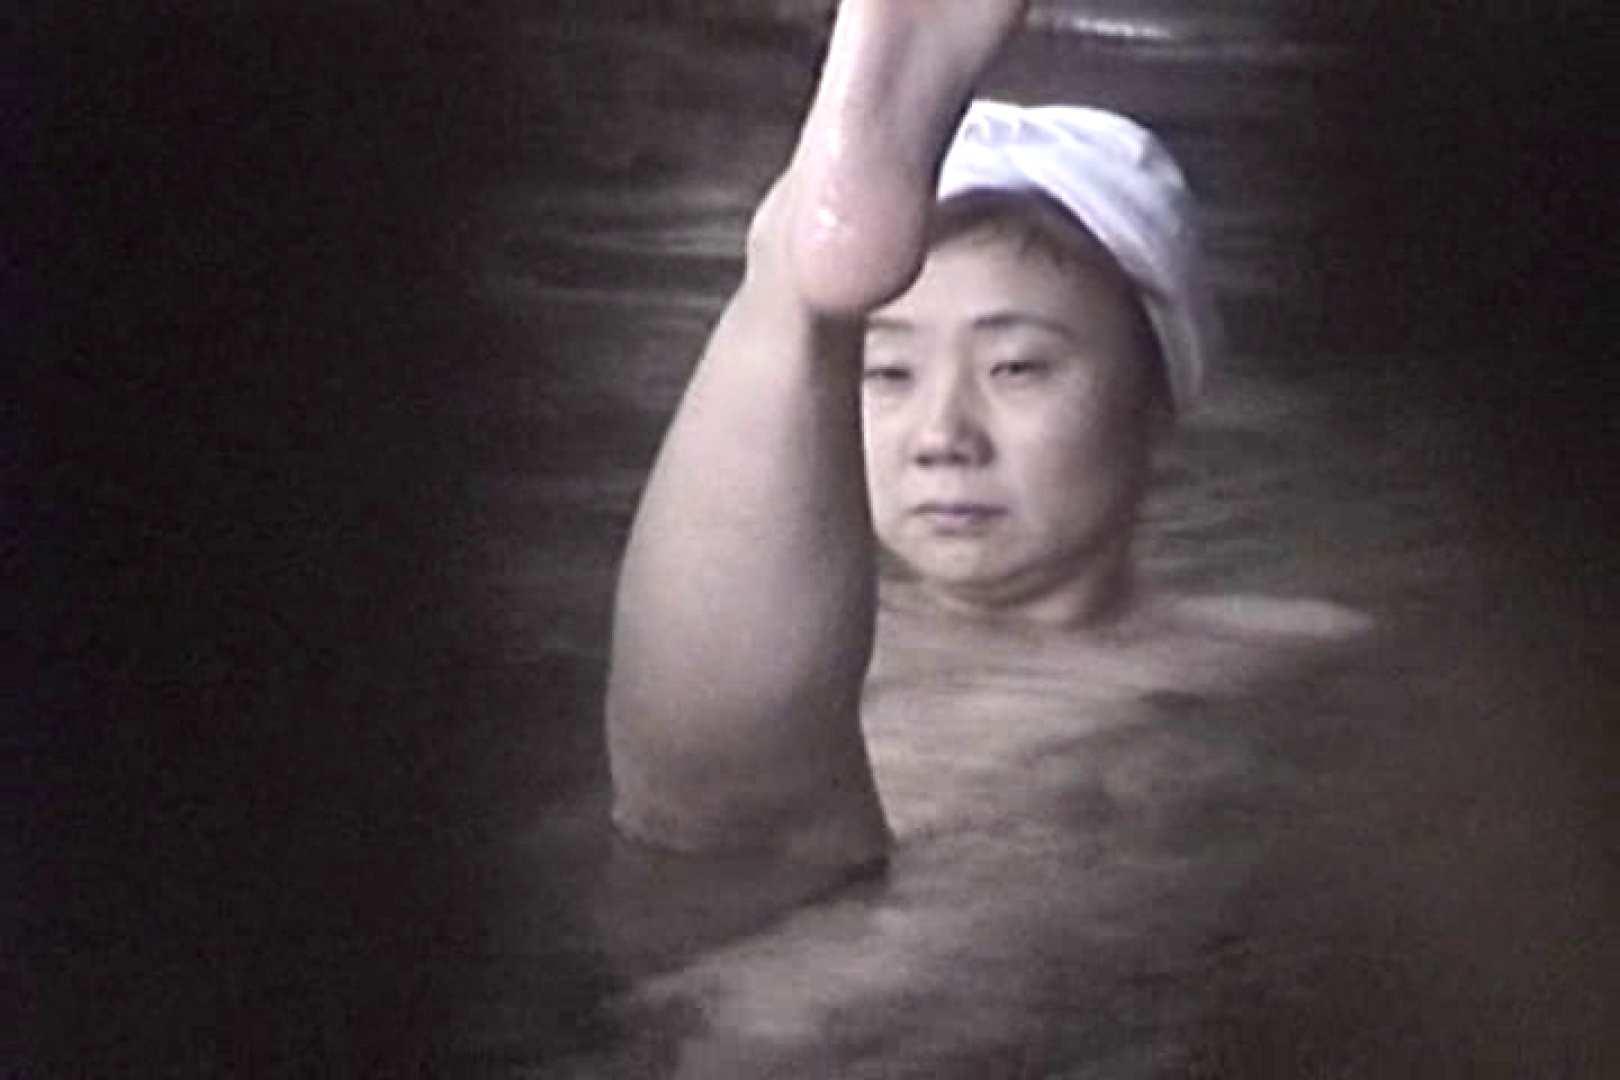 深夜の撮影会Vol.3 お姉さんヌード | マンコ無修正  53画像 33